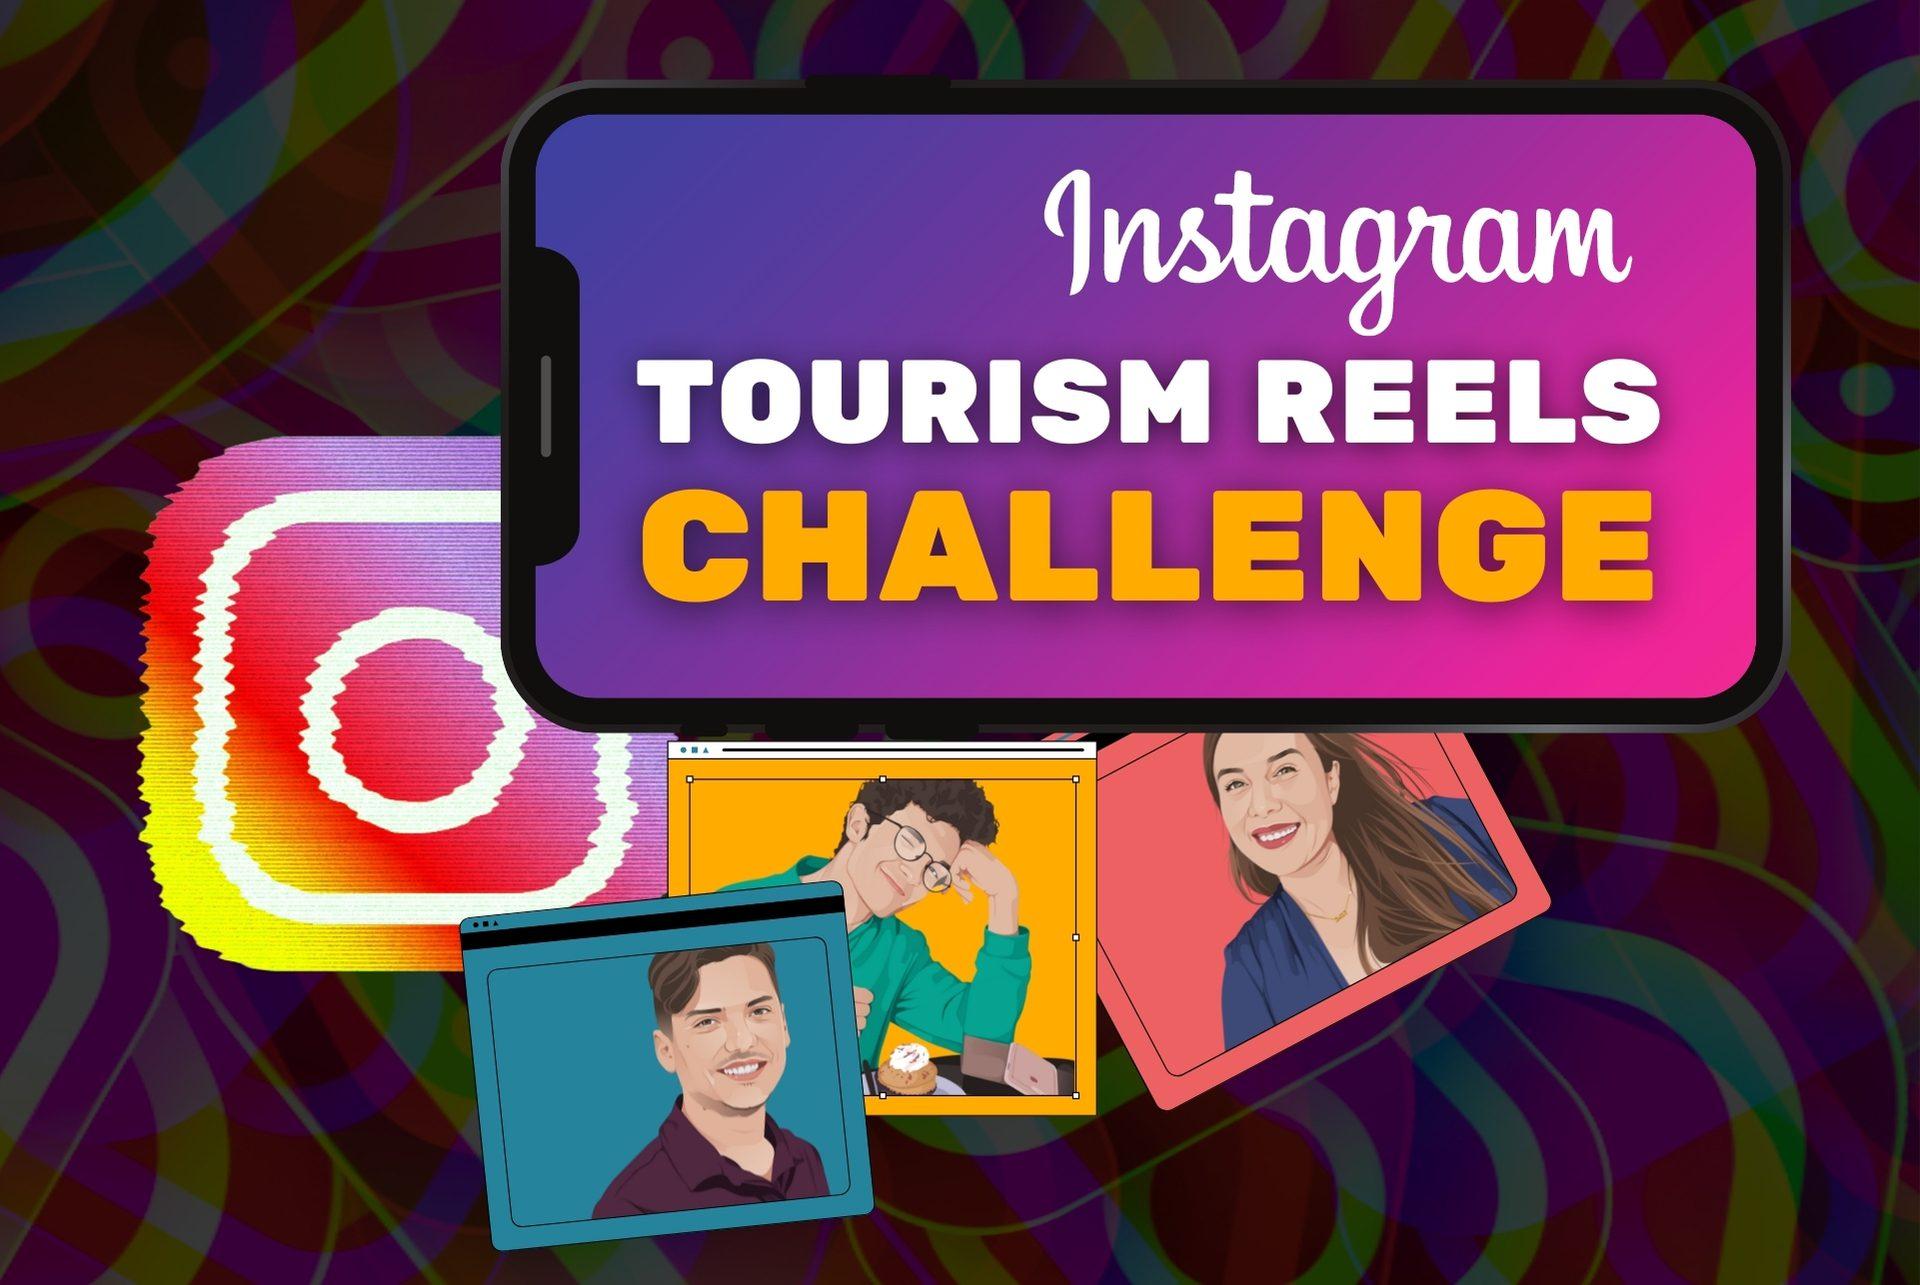 instagram reels for tourism